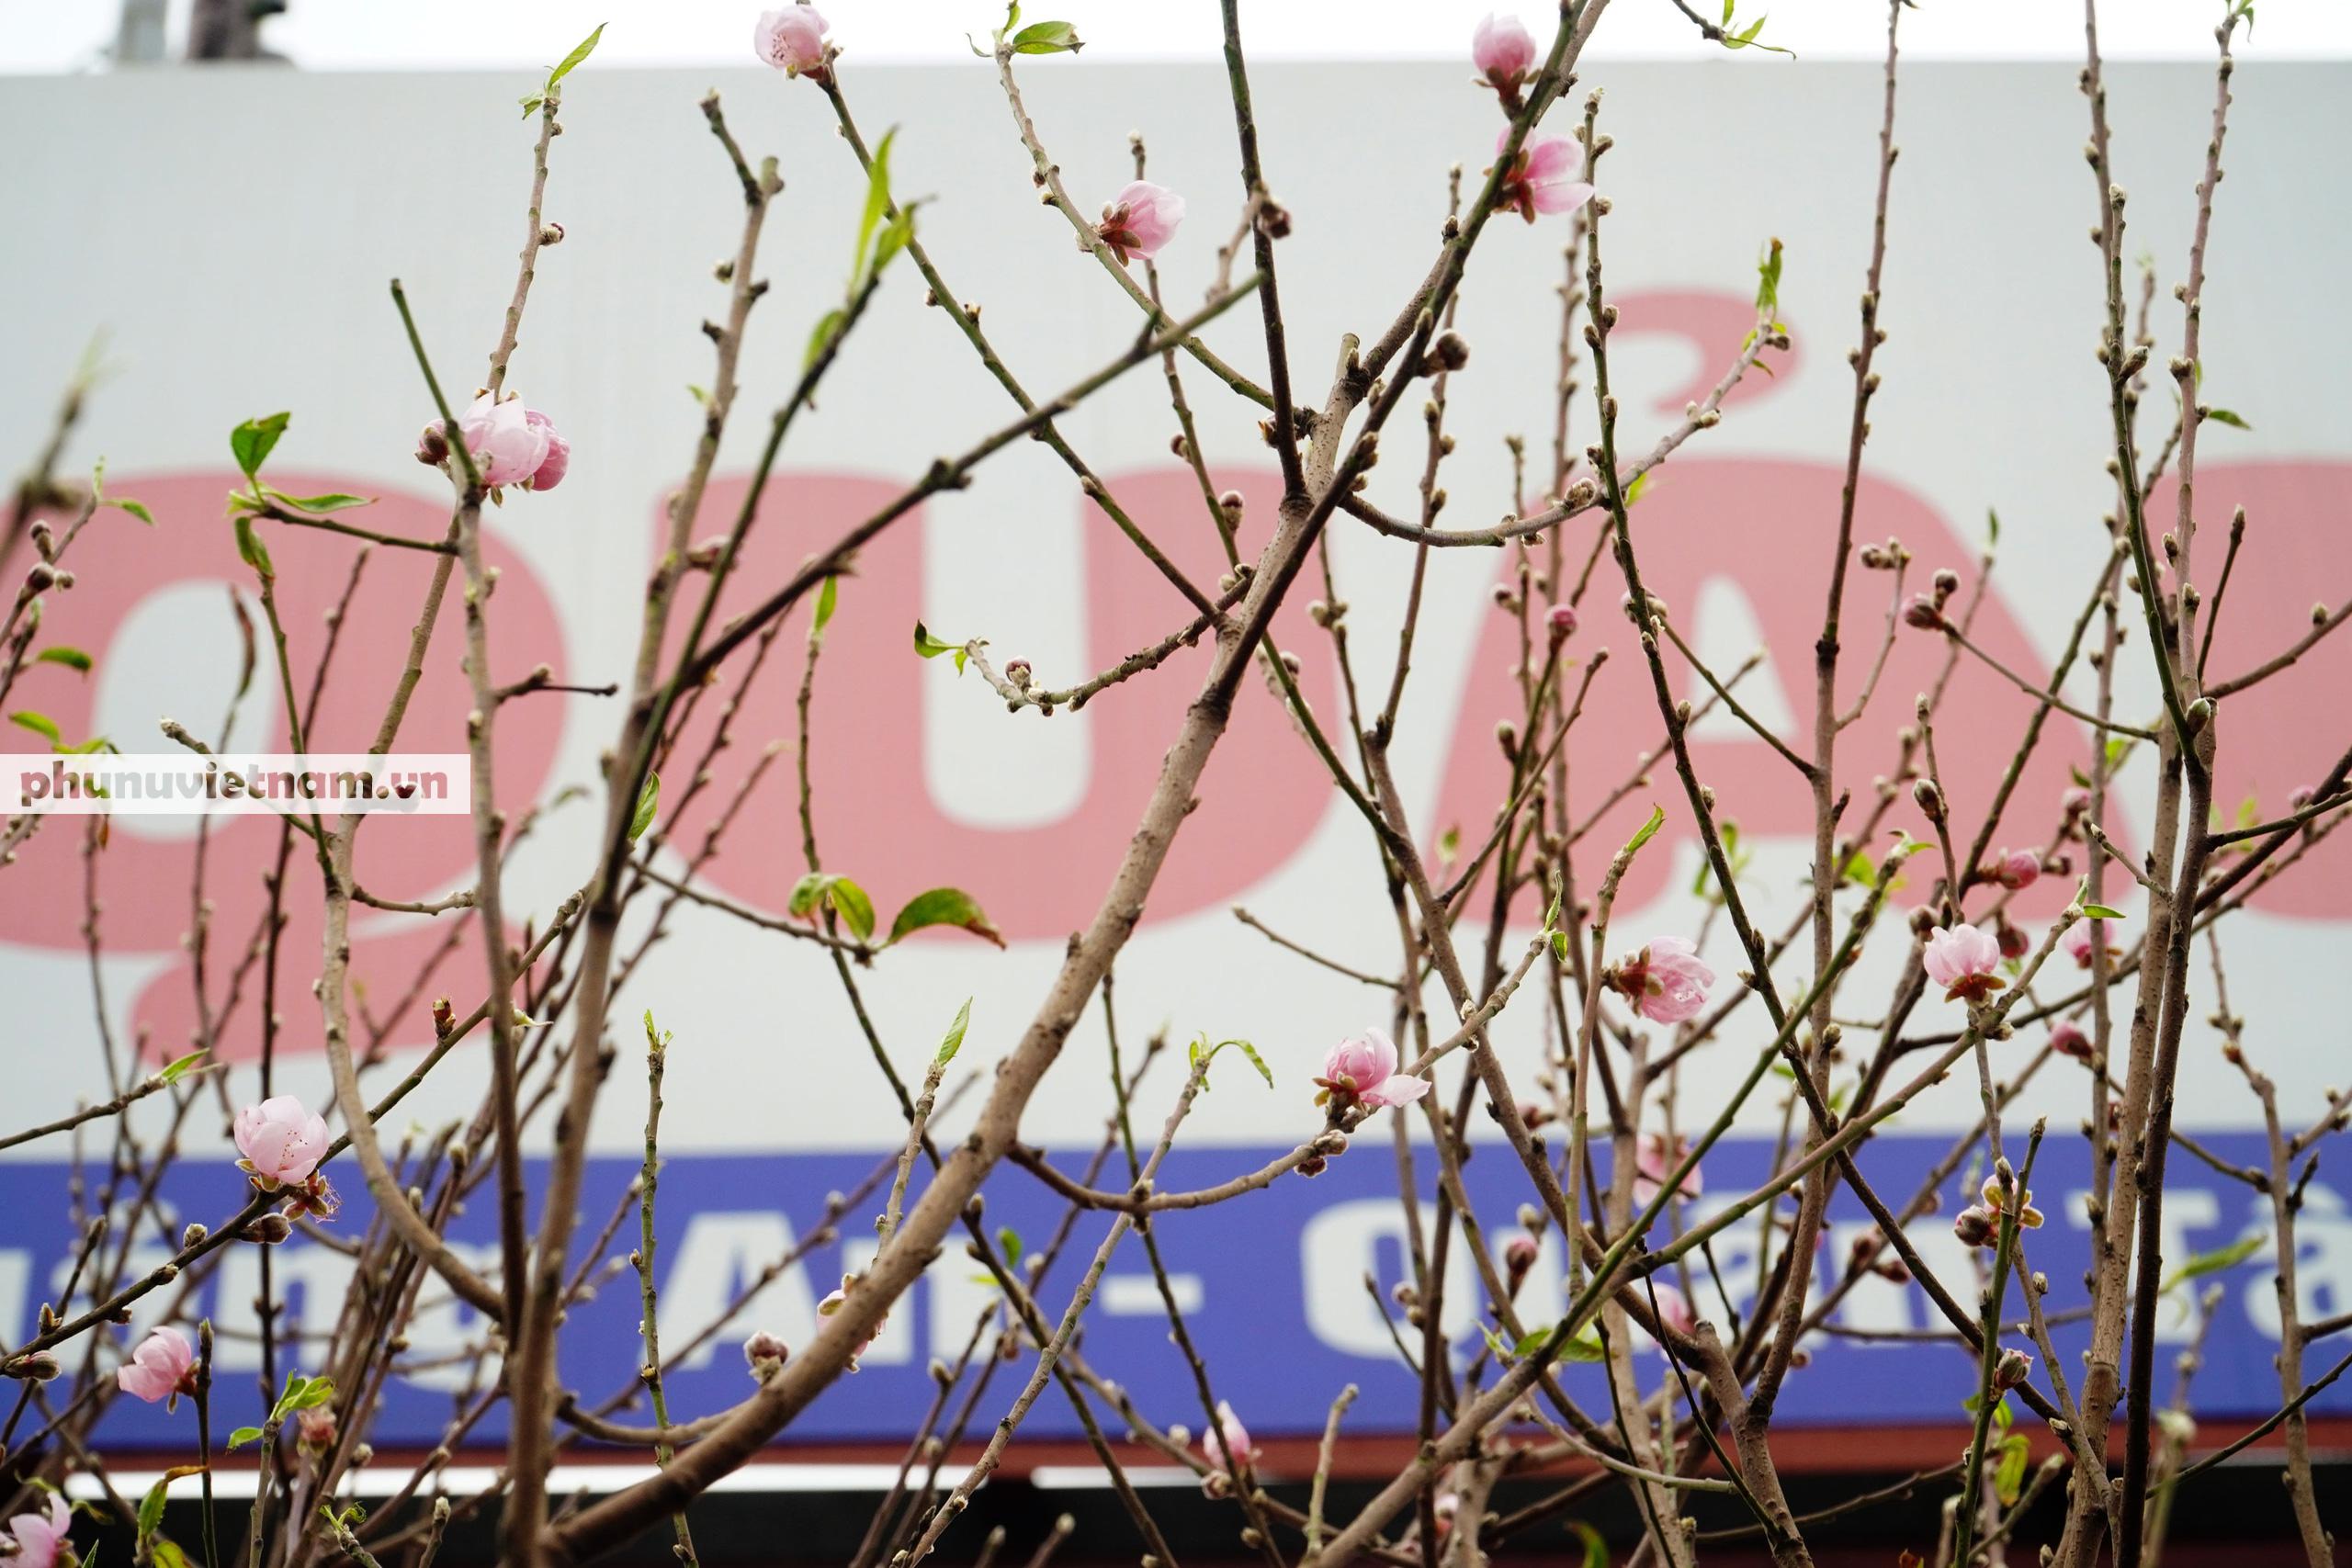 Đào Nhật Tân nở sớm hơn mọi năm, người trồng cầu mong giá rét kéo dài - Ảnh 11.